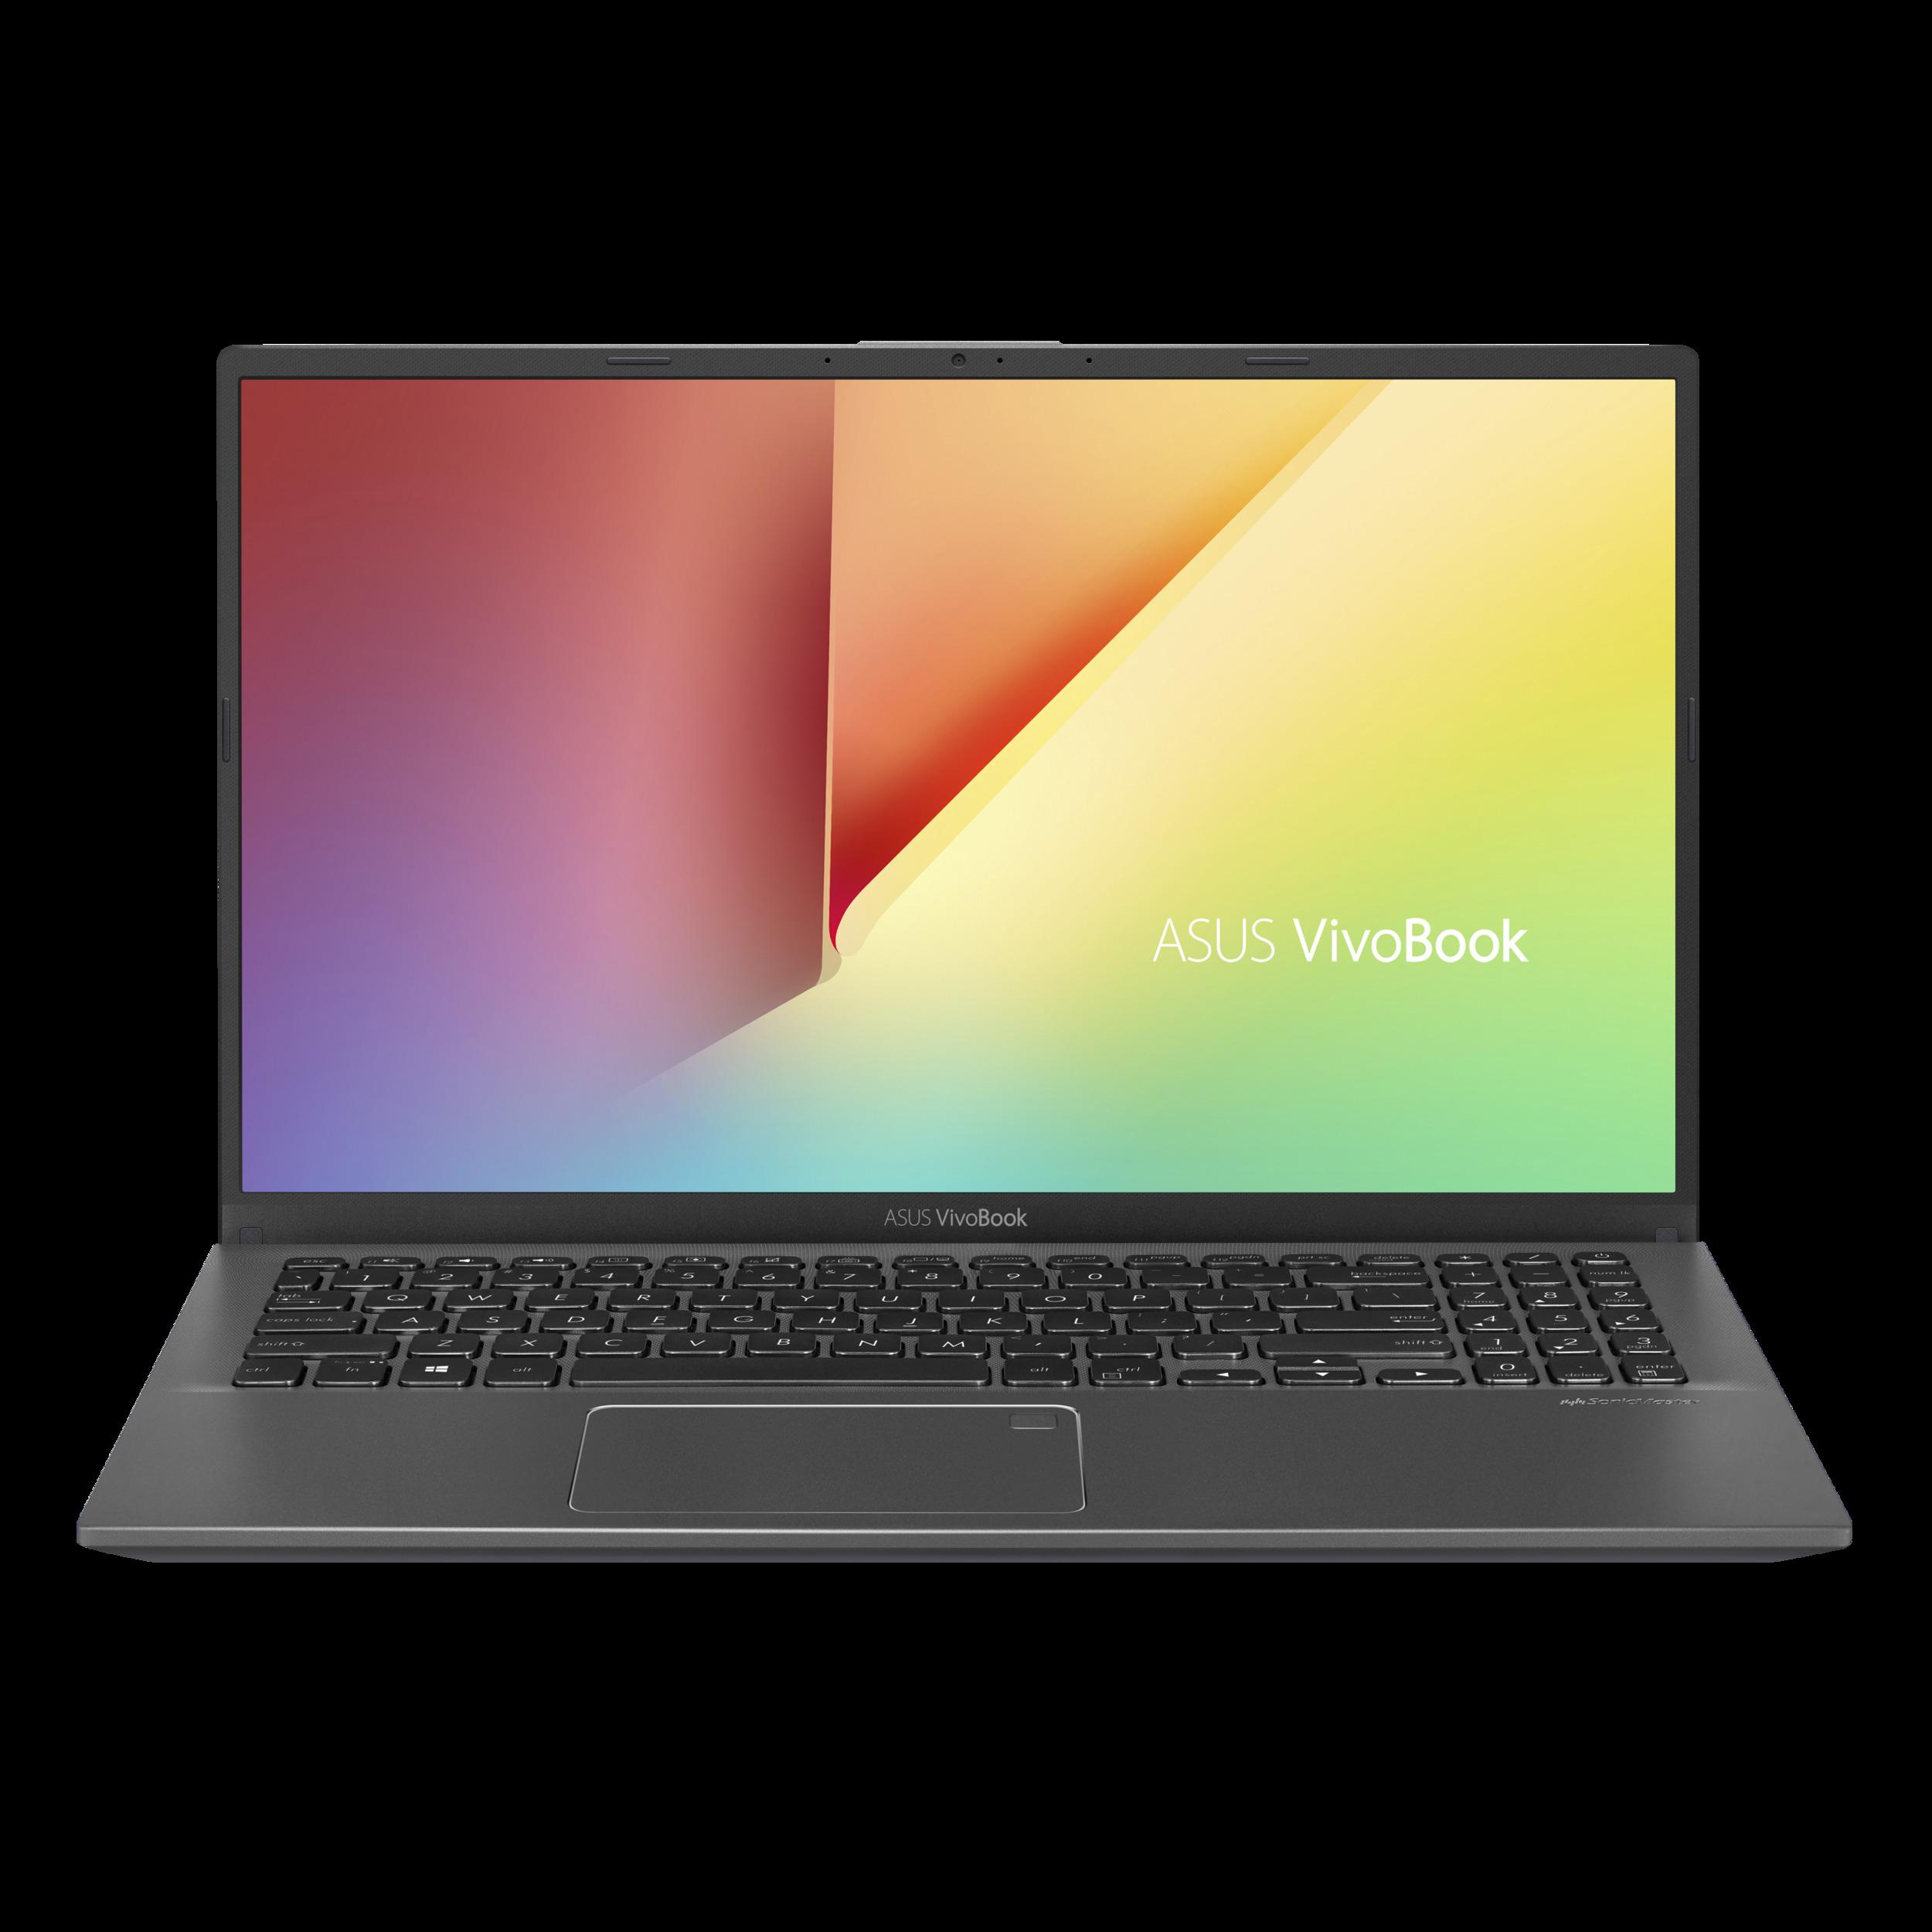 I nuovi Asus Vivobook danno un tocco di vivacità al CES 2019 1